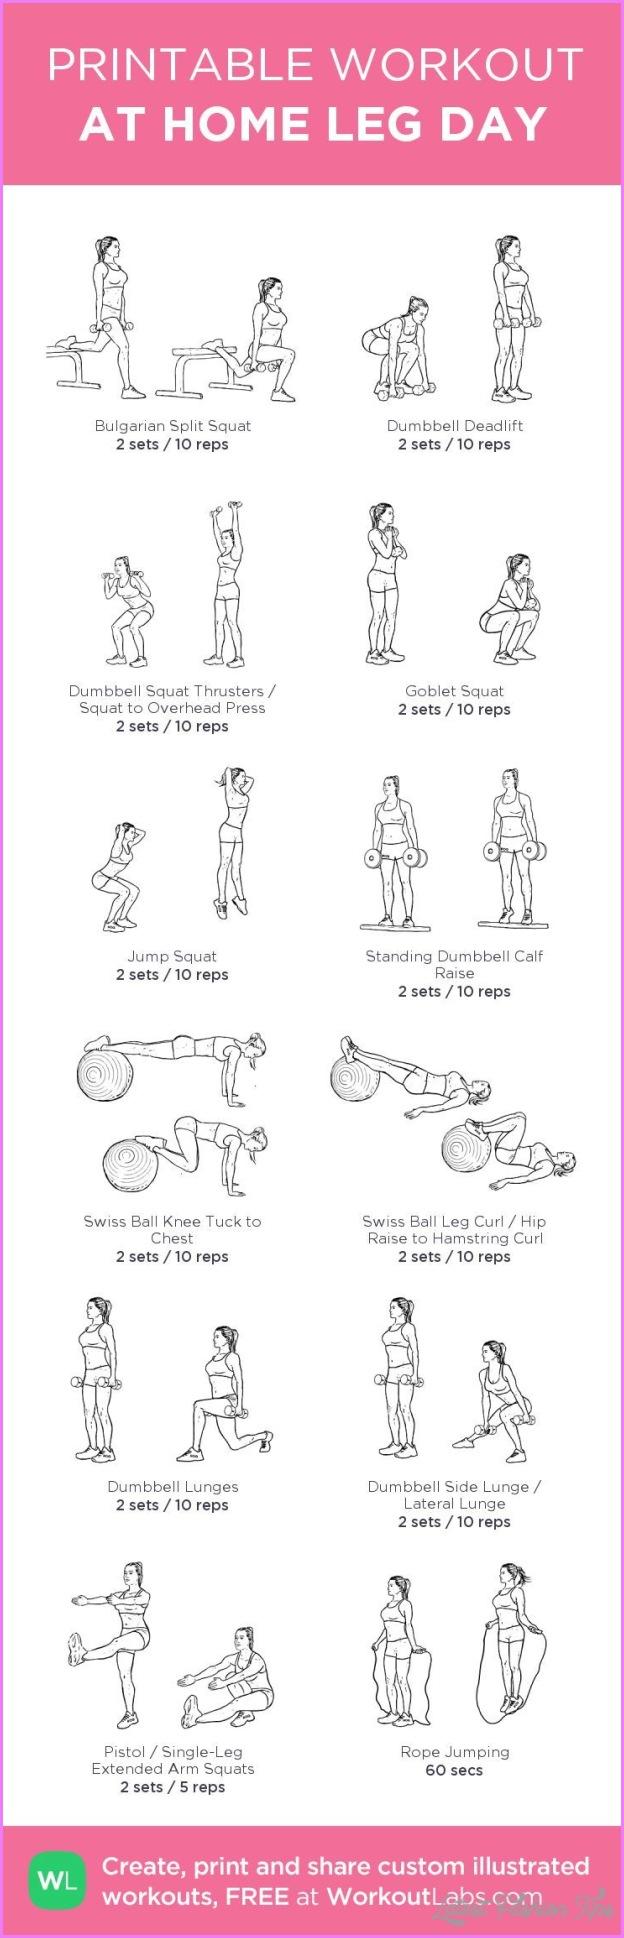 Lower Body Exercises For Women_4.jpg